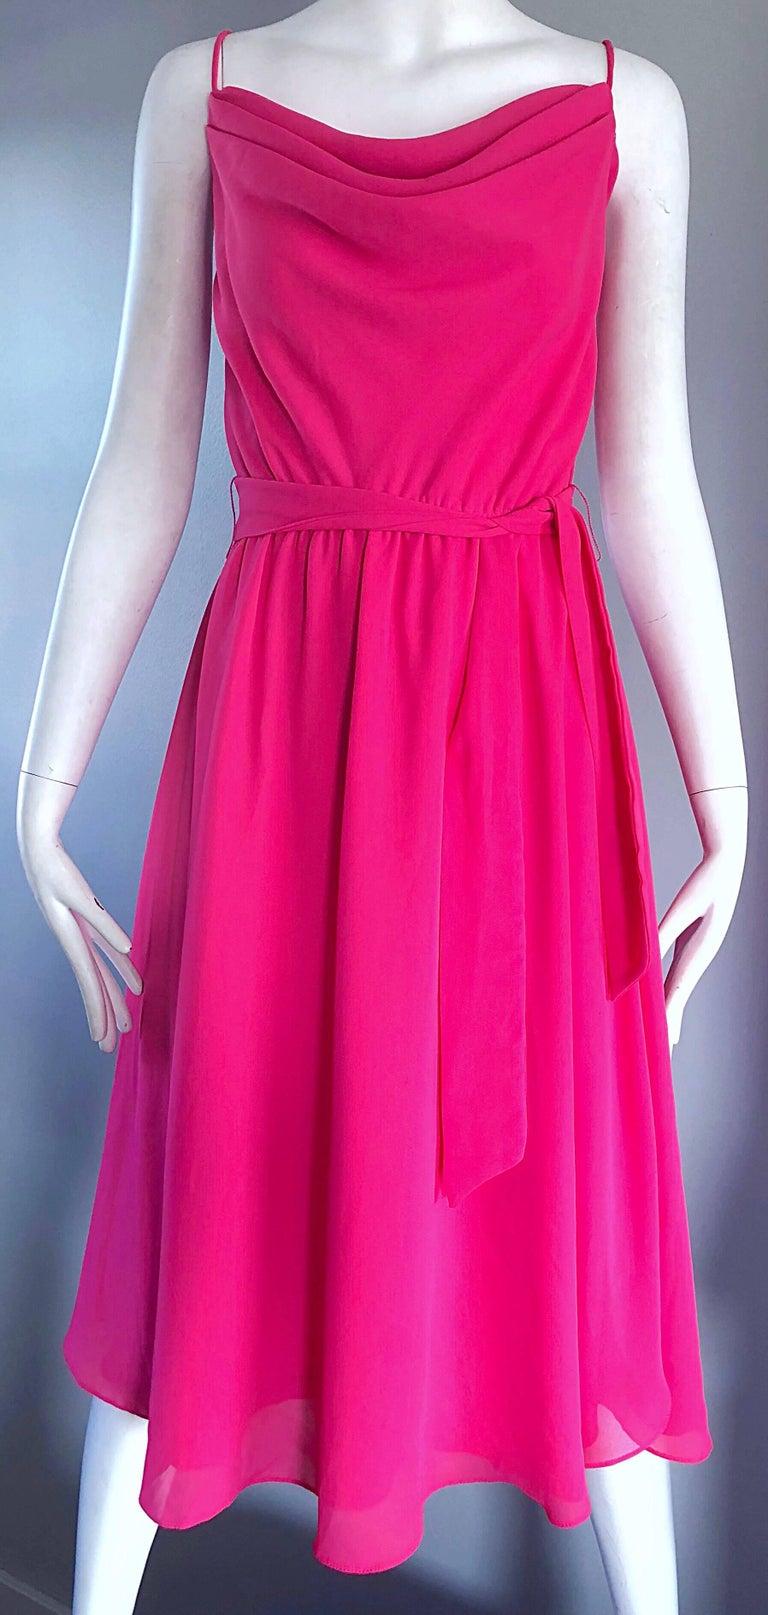 1970s Phillipe Jodur for Ferrali Hot Pink Crepe Sleeveless Belted Disco Dress For Sale 2